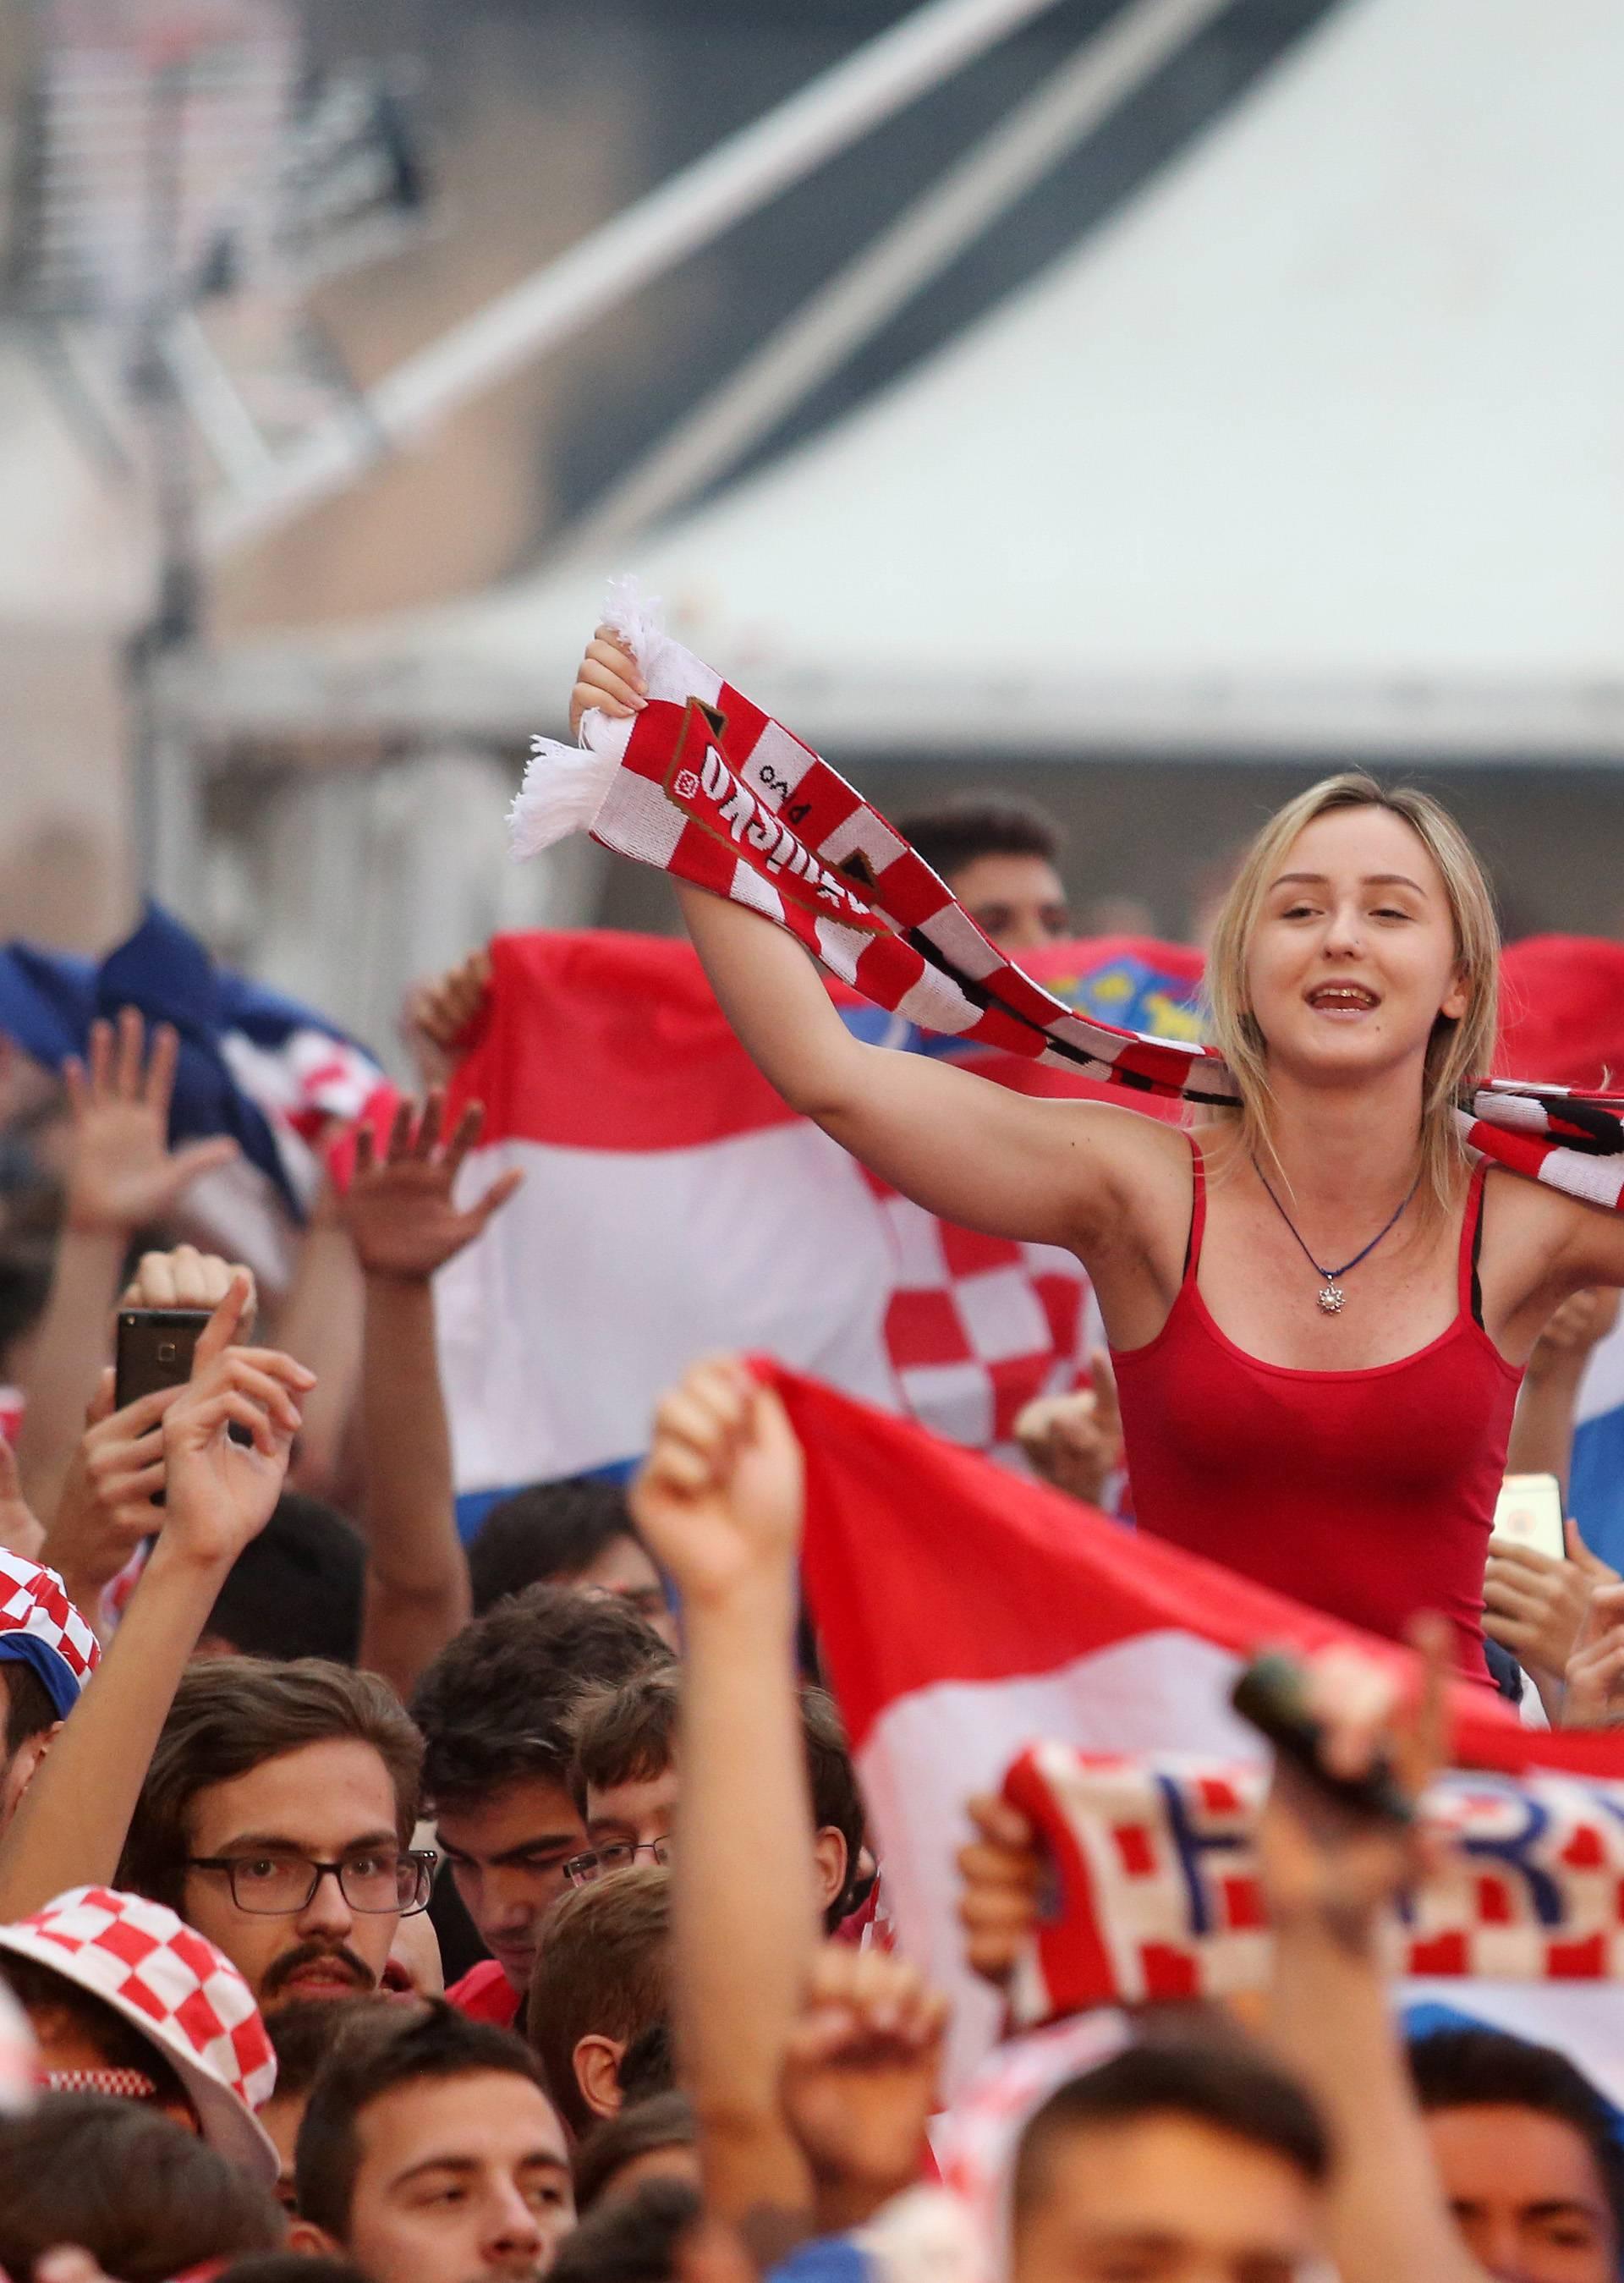 Ajmo, Hrvatska: Navijanje liječi tugu i potiče želju za  - seksom!